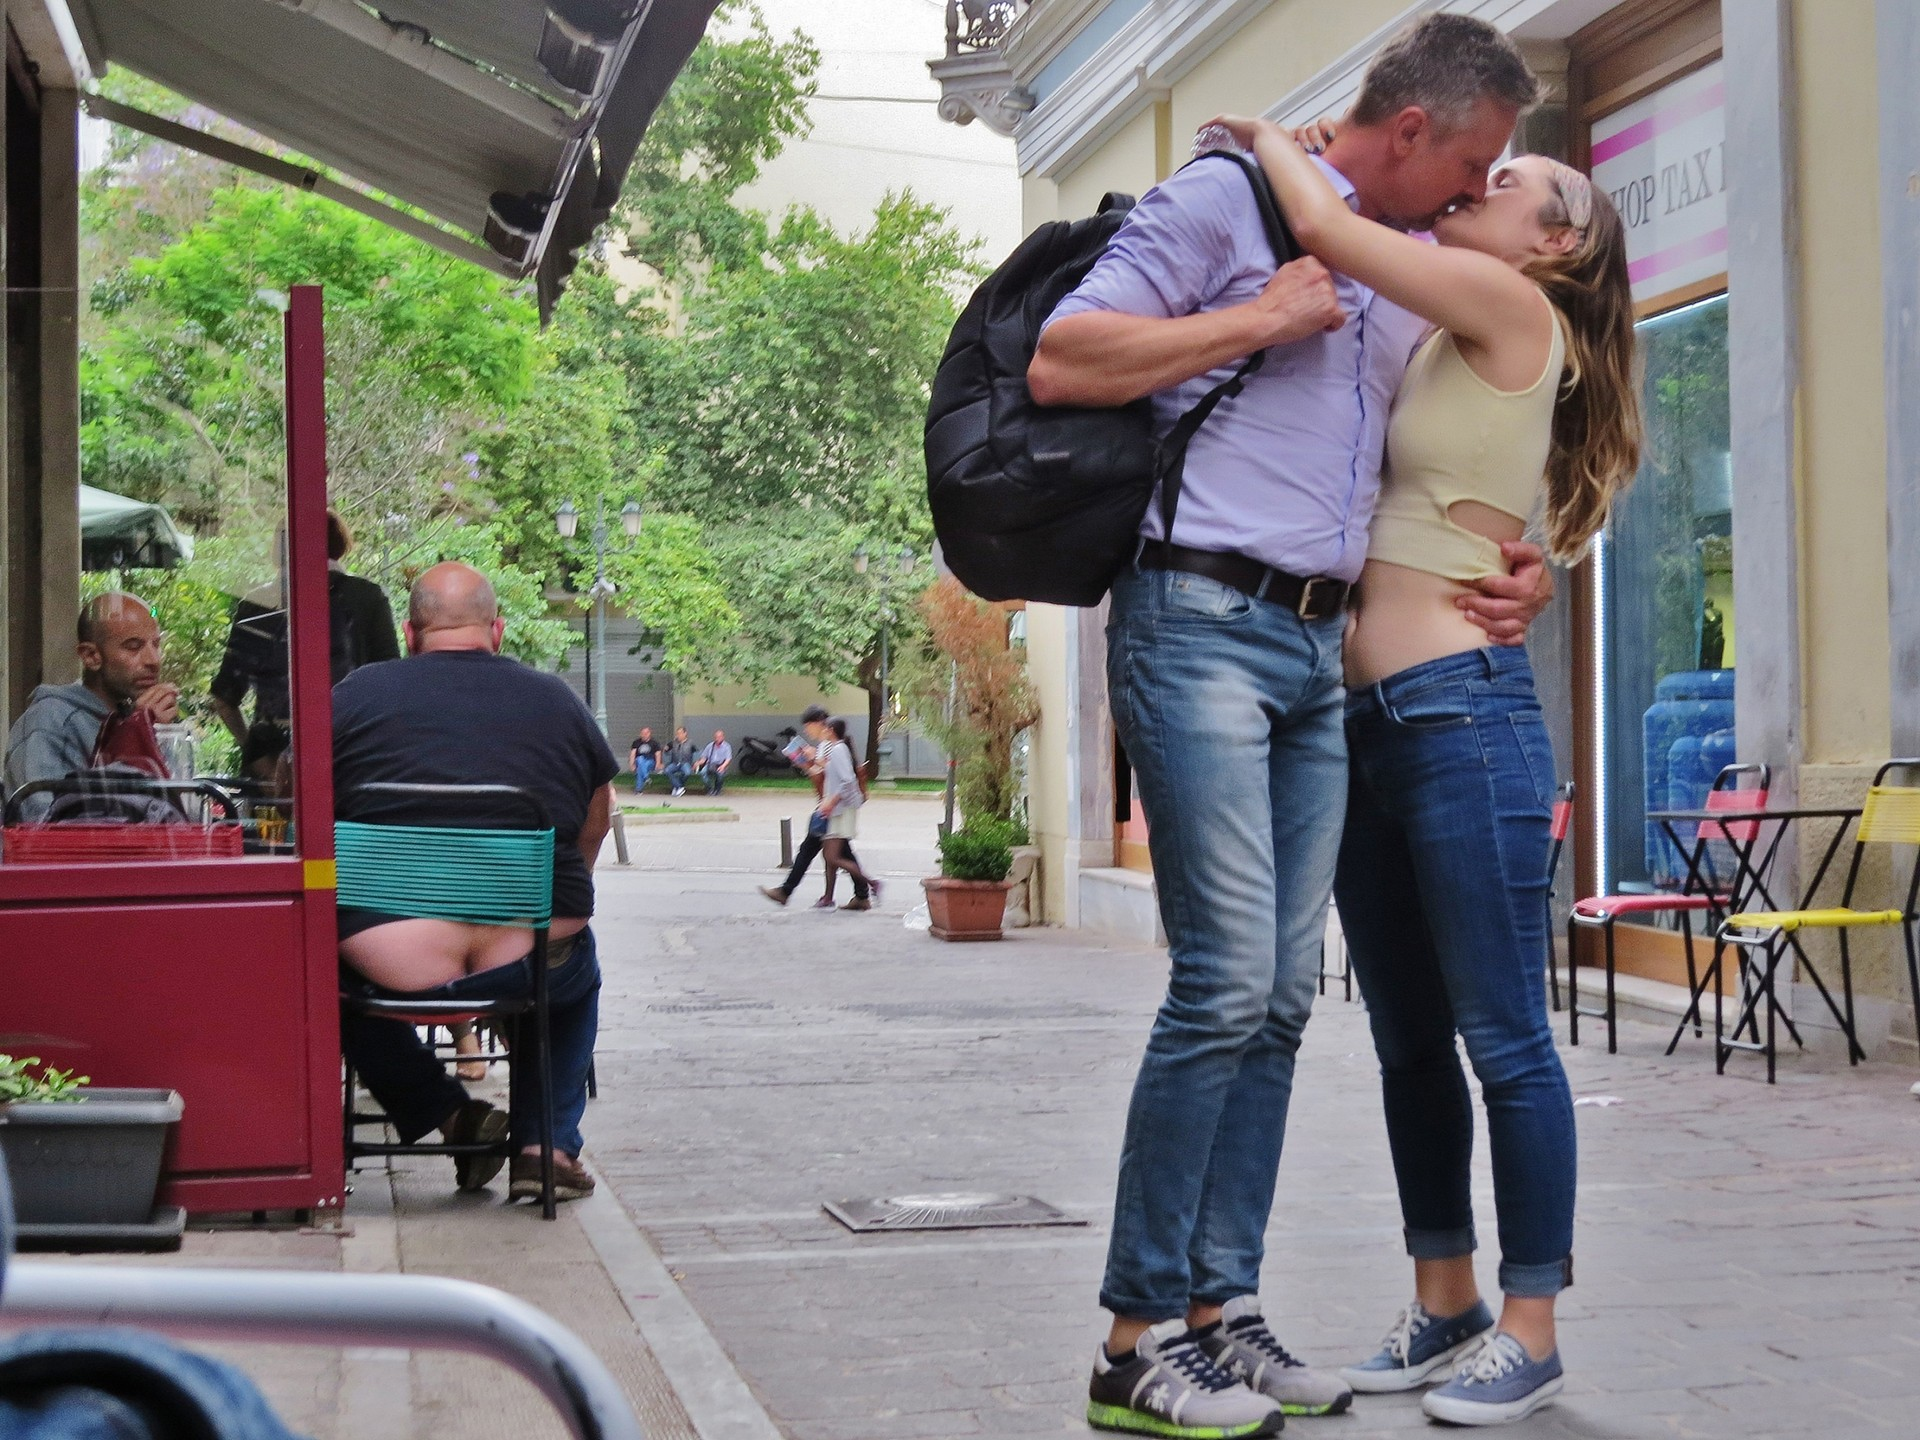 Мистика неожиданного в уличных фотографиях. Автор Антимос Нтагкас (16)